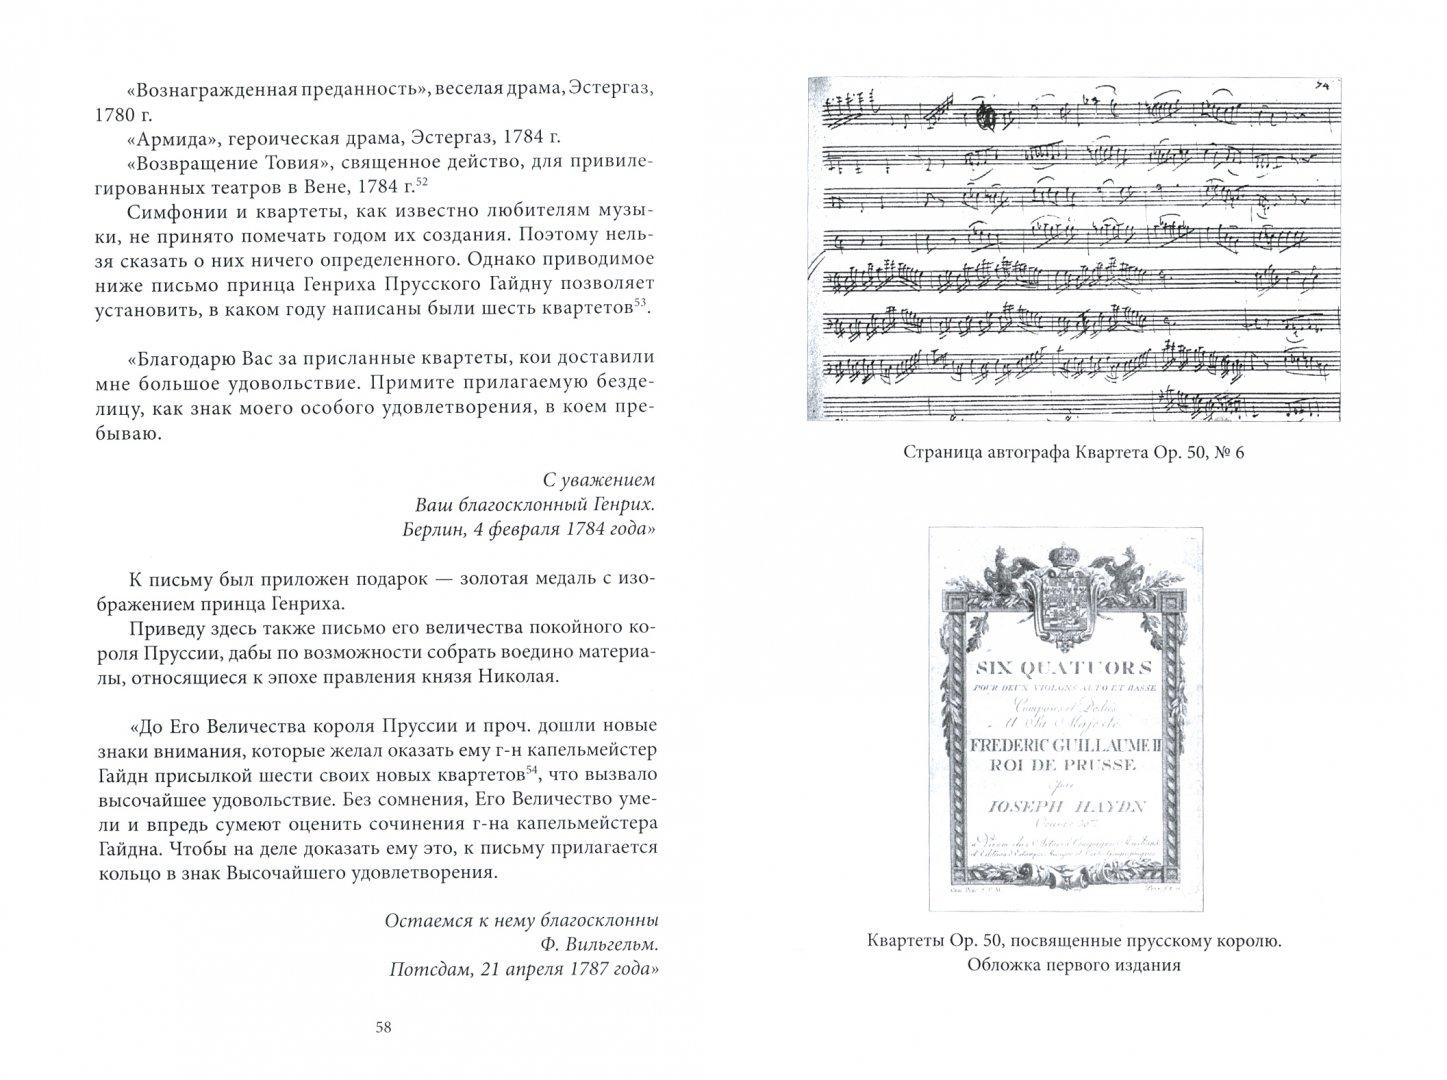 Иллюстрация 1 из 7 для История жизни Йозефа Гайдна, записанная с его слов Альбертом Кристофом Дисом - Кристоф Дис   Лабиринт - книги. Источник: Лабиринт